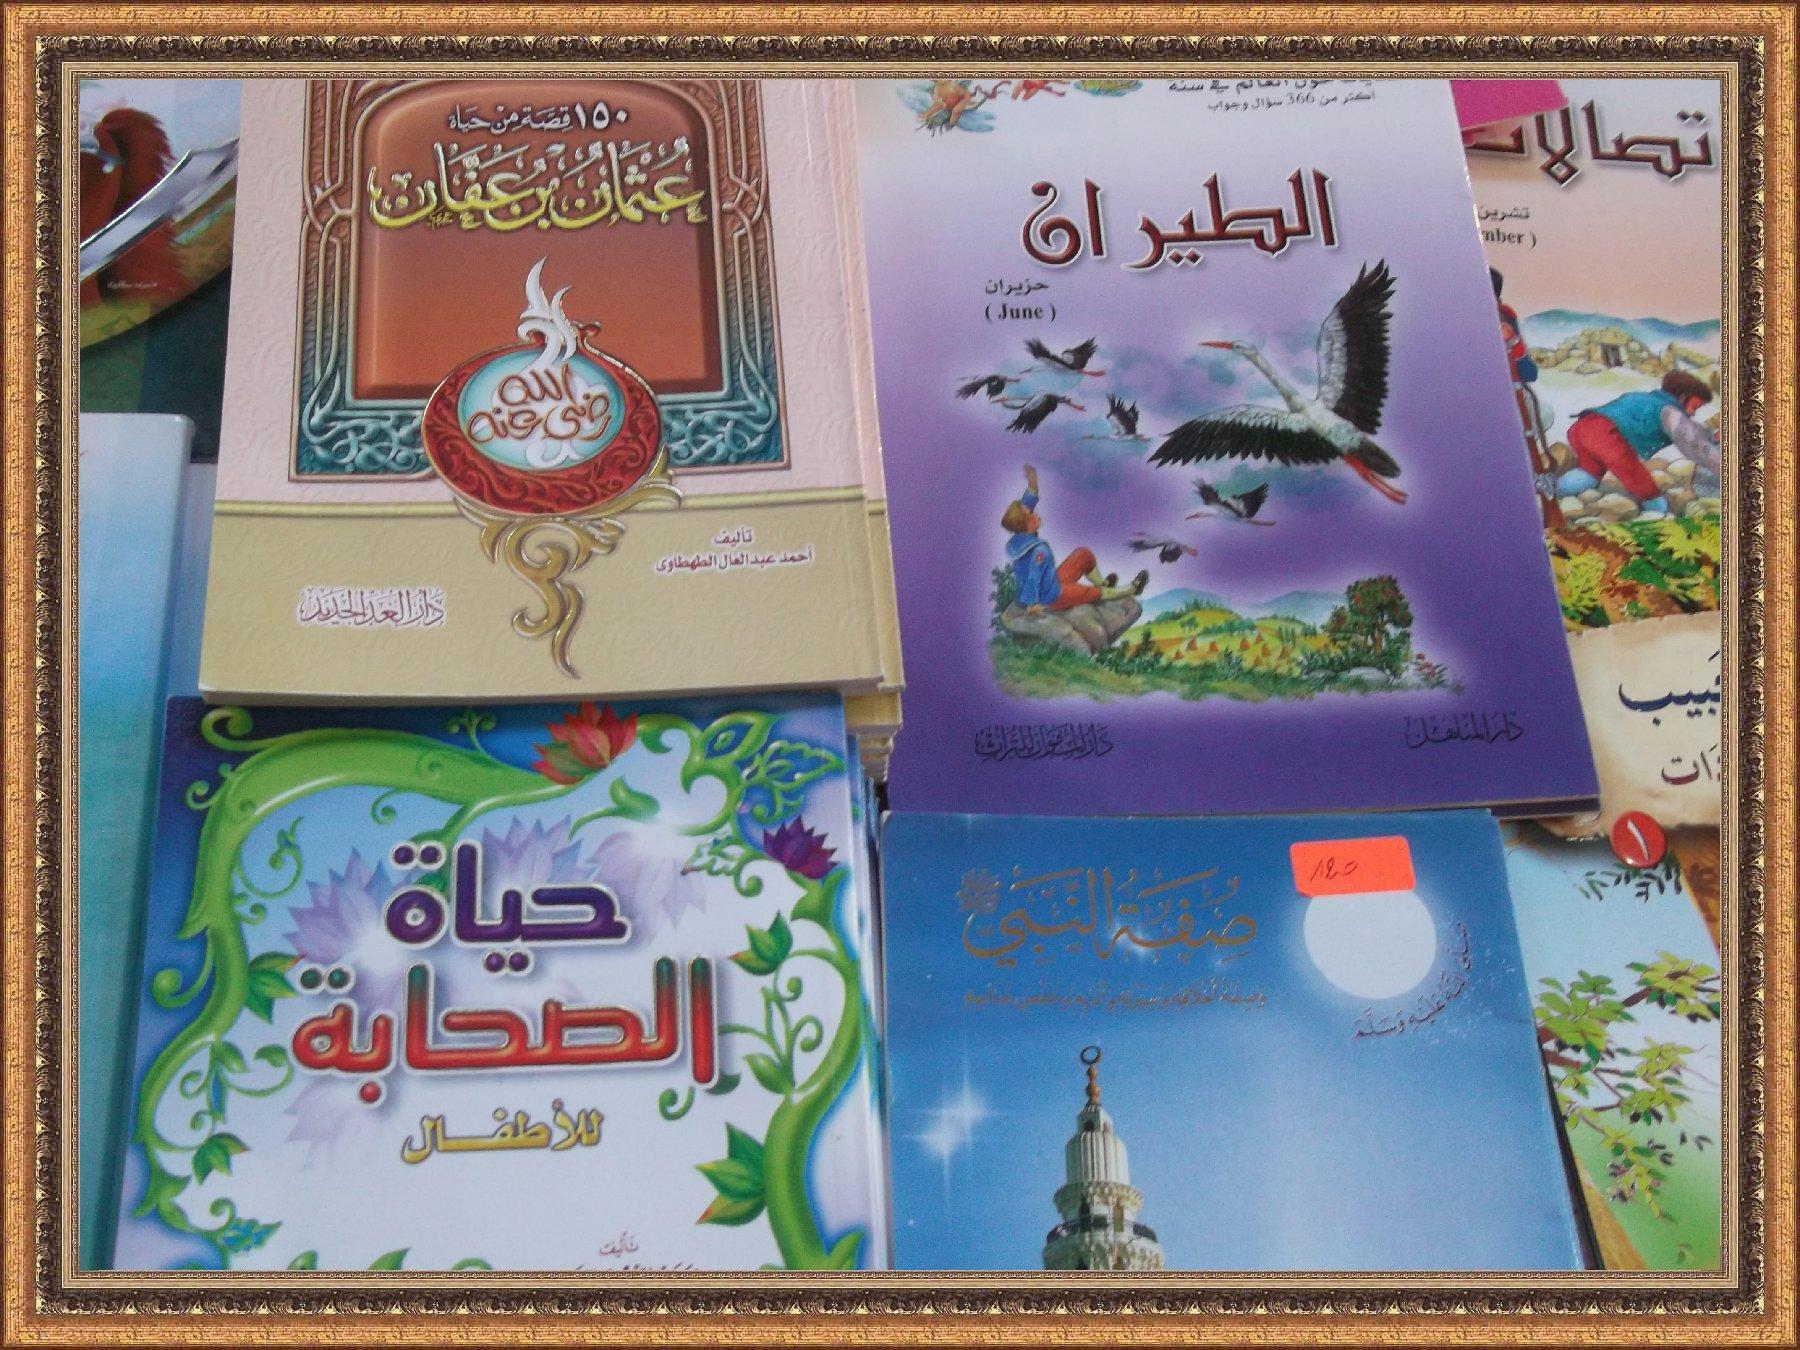 فعاليات الصالون الوطني للكتاب بأدرار 932843964